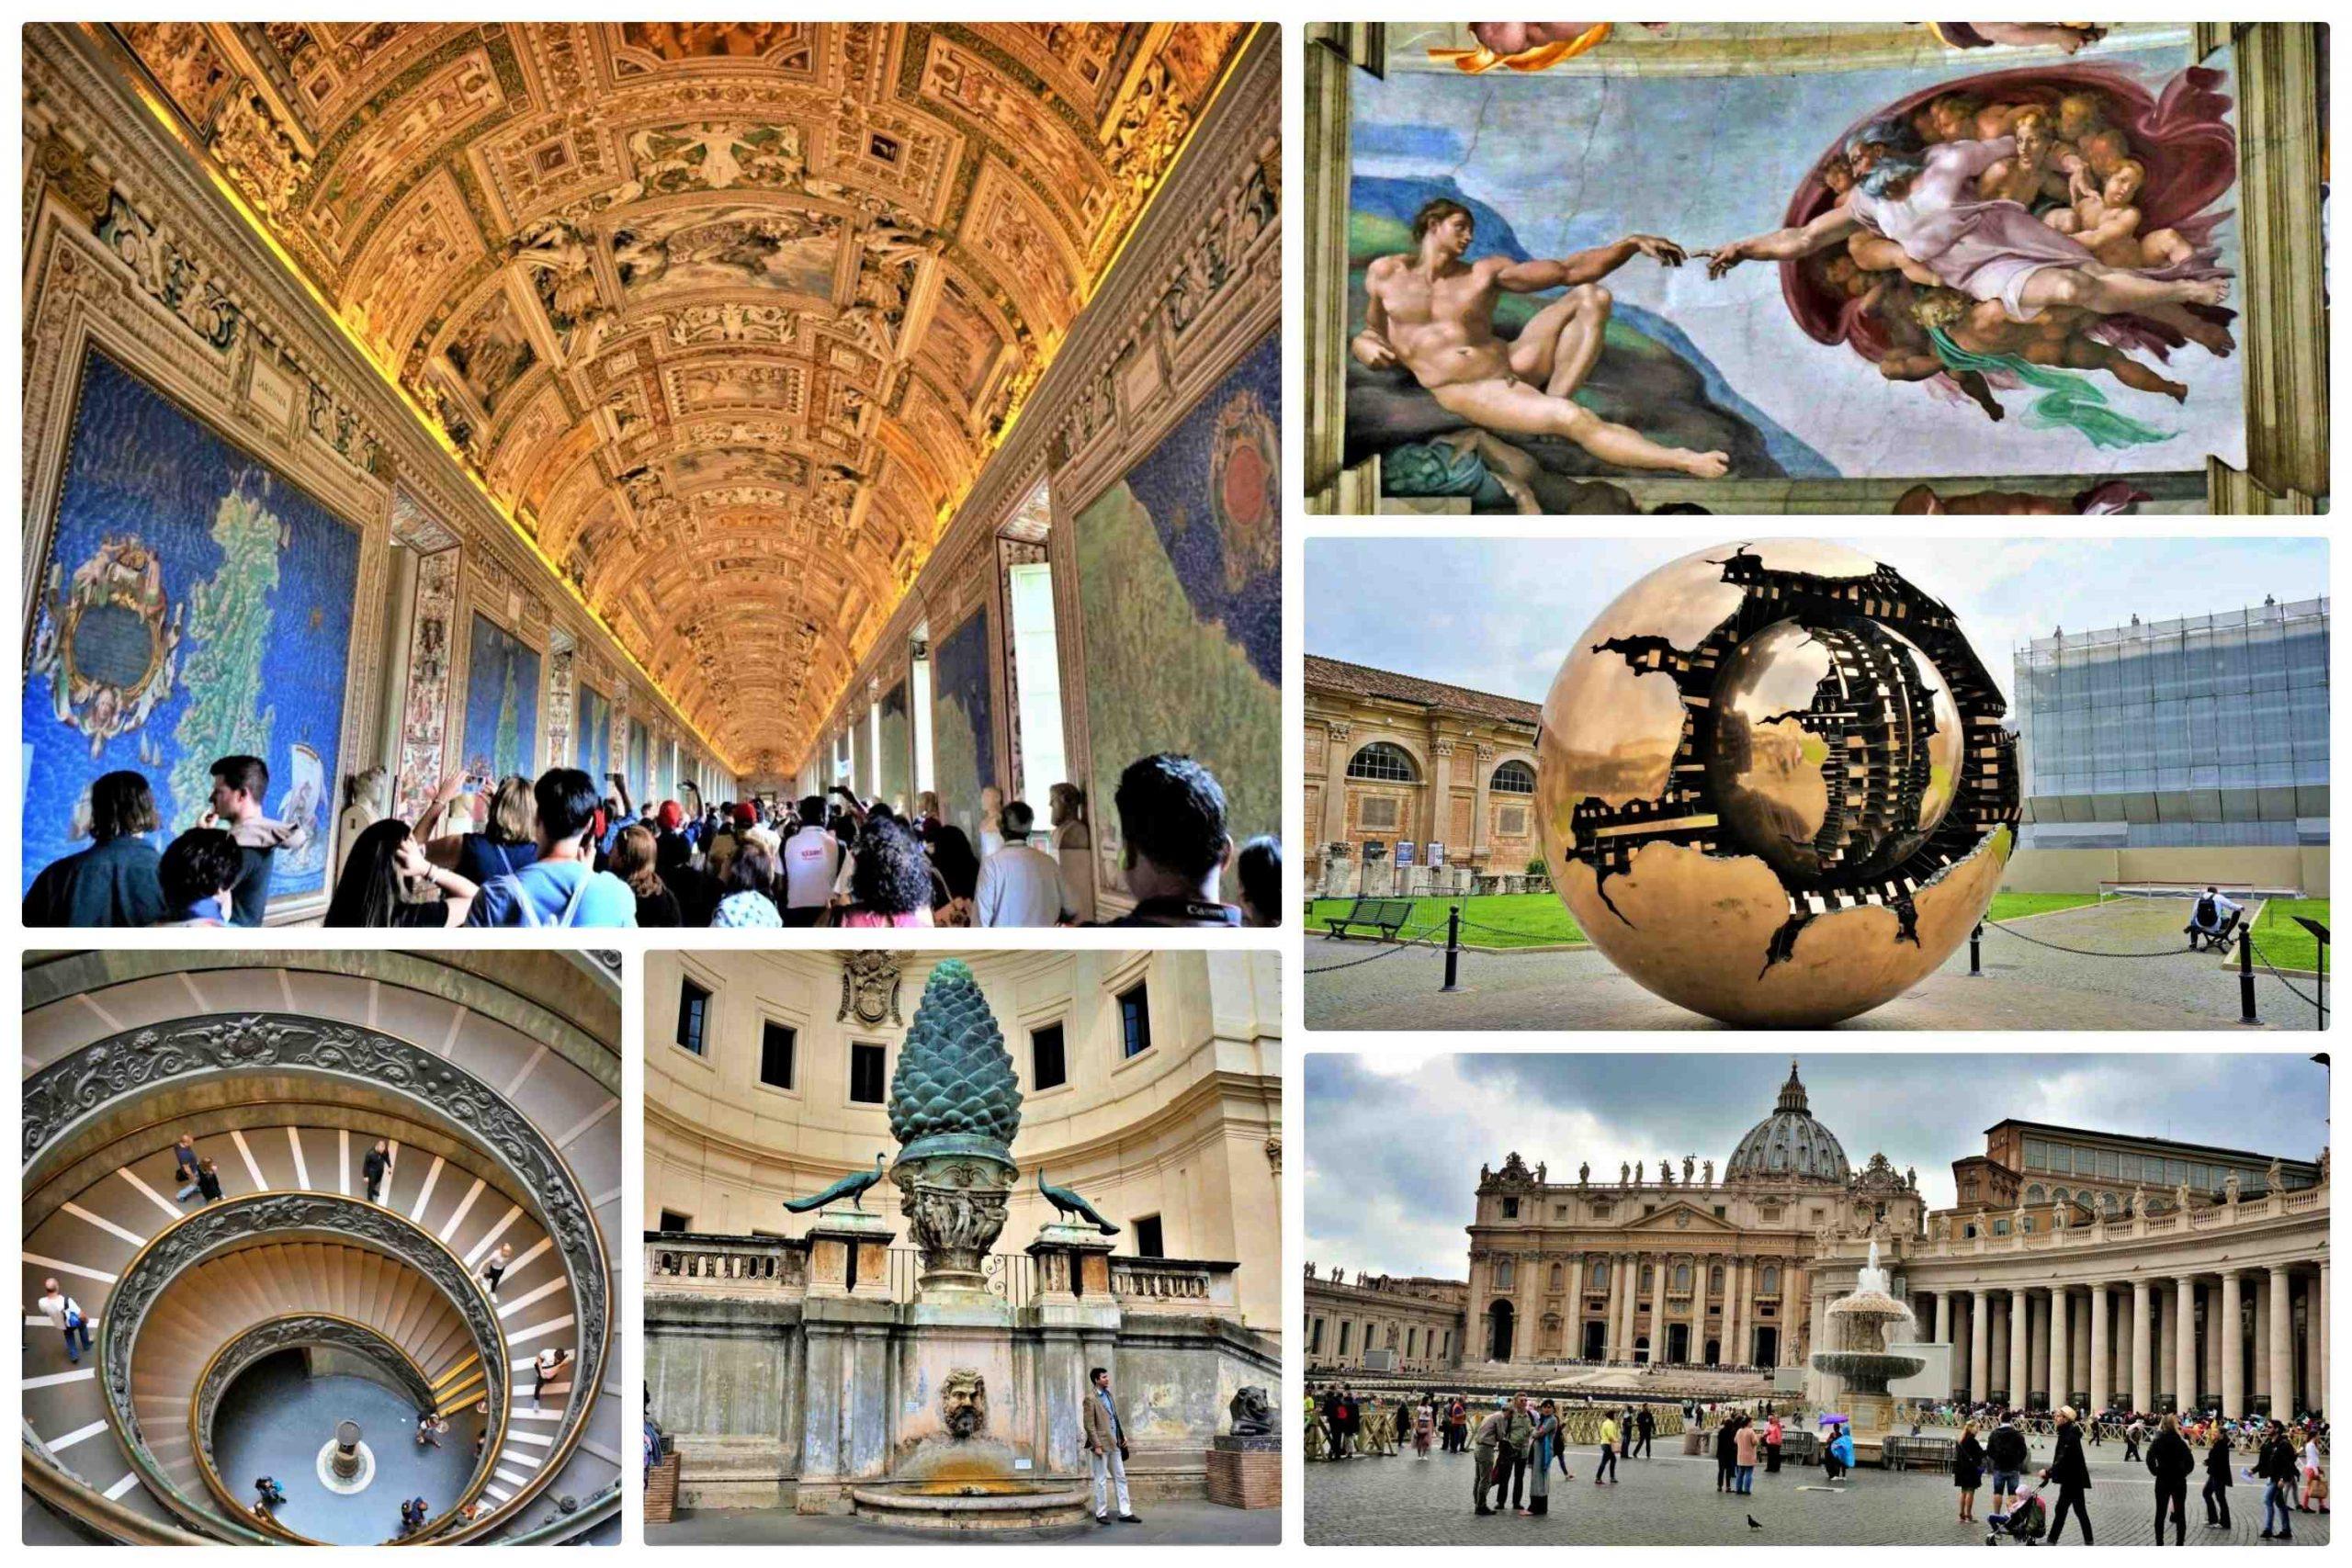 羅馬一日遊 - 梵蒂岡博物館